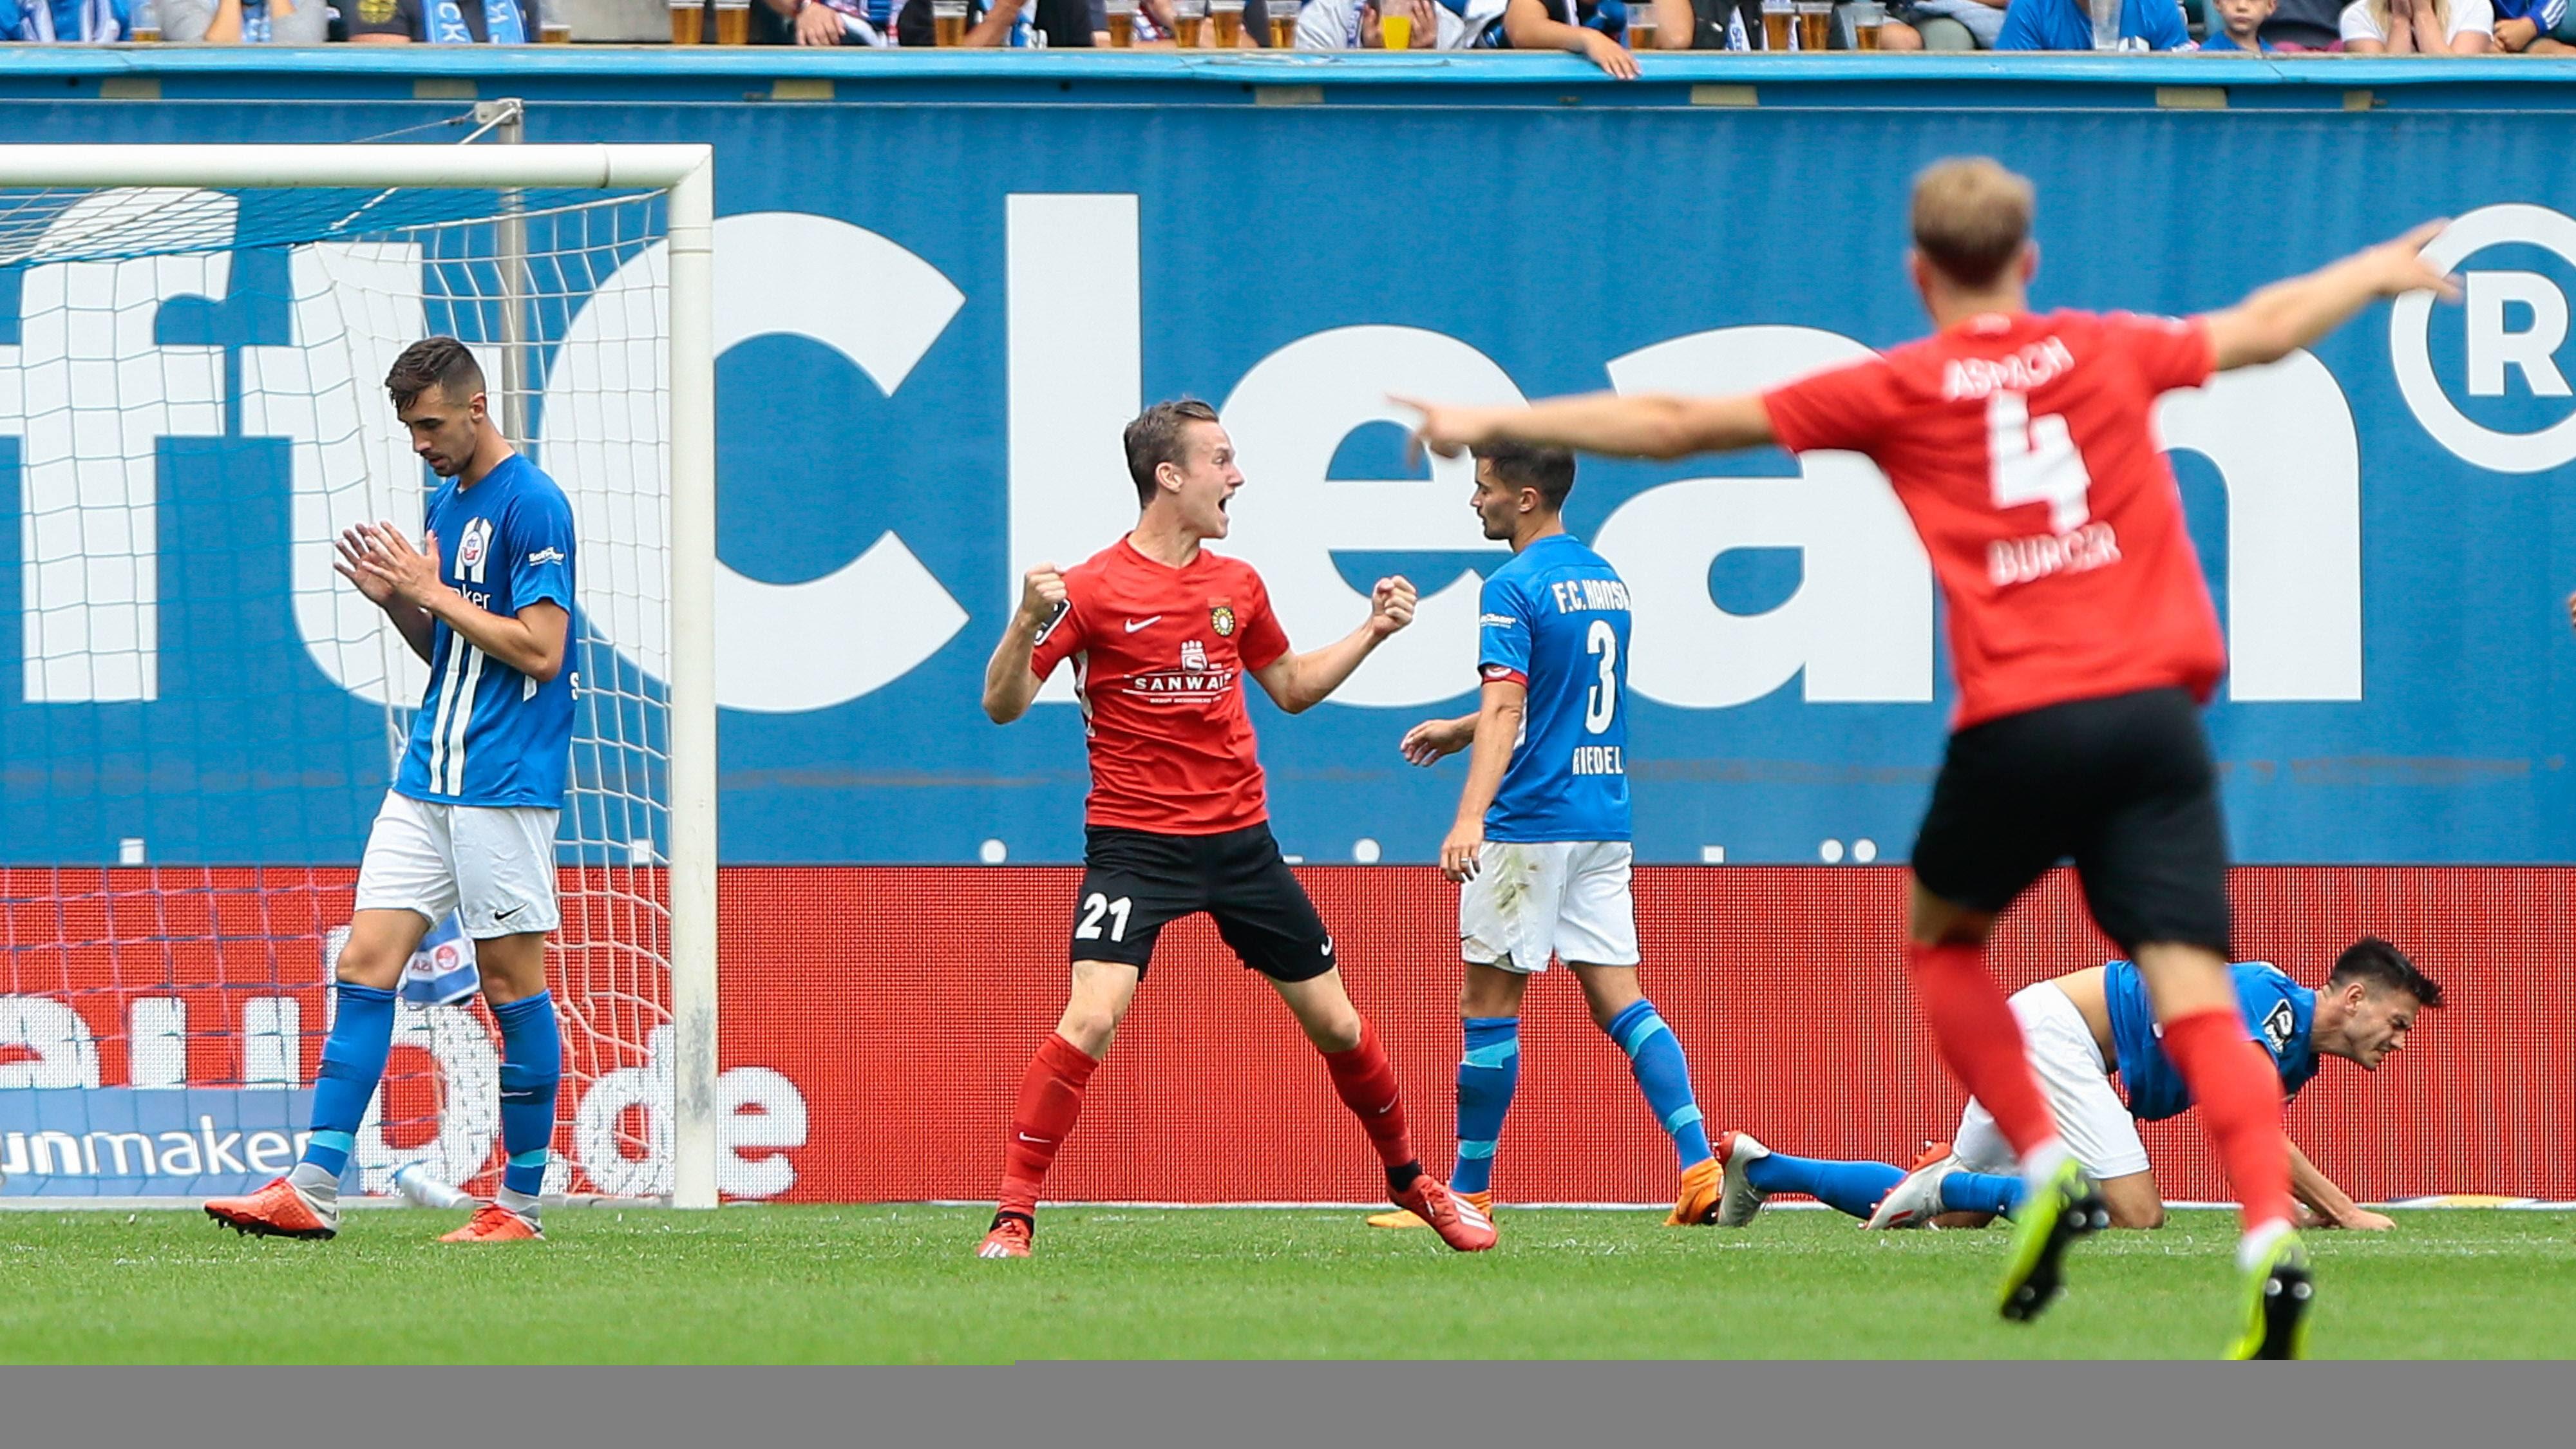 Rostock - SG Sonnenhof Großaspach 0:1 (0:0)